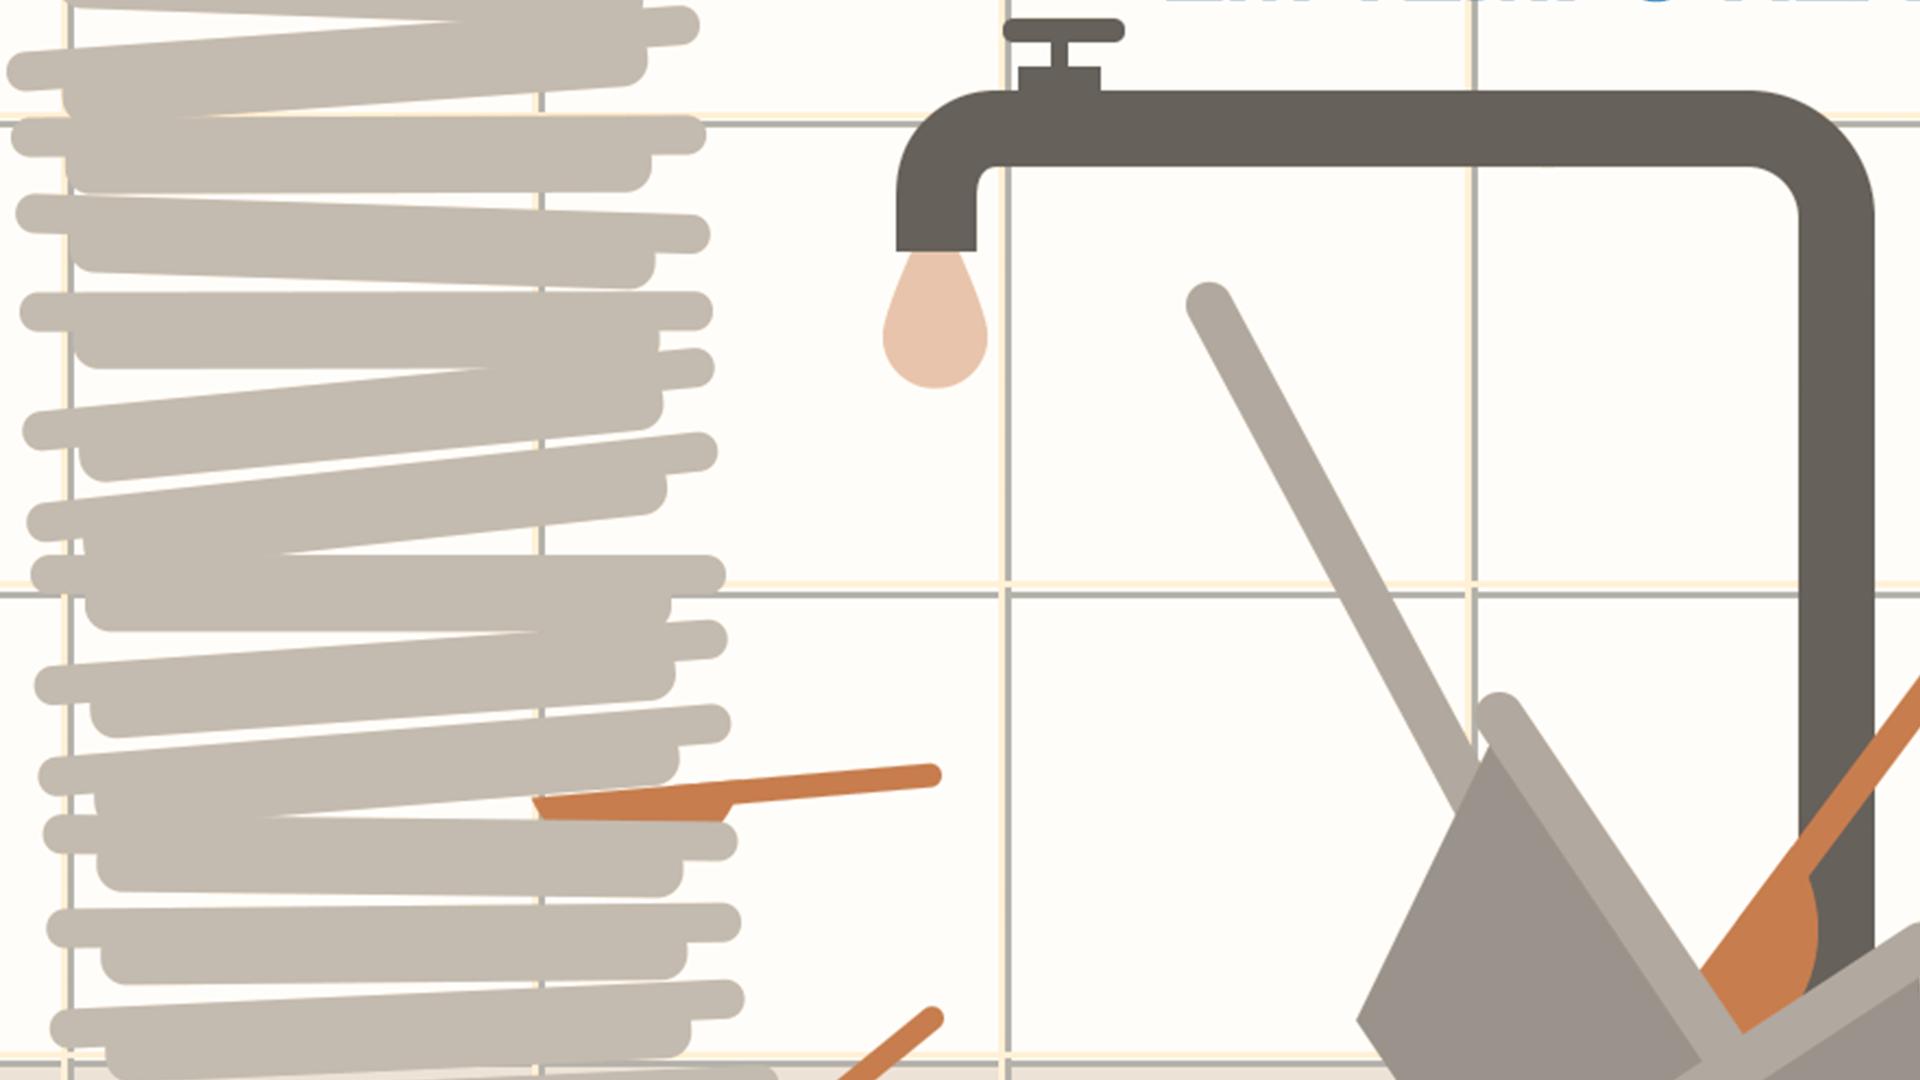 """Contra a escassez de água, o app """"Tá Faltando Água"""" dita rumo das discussões"""